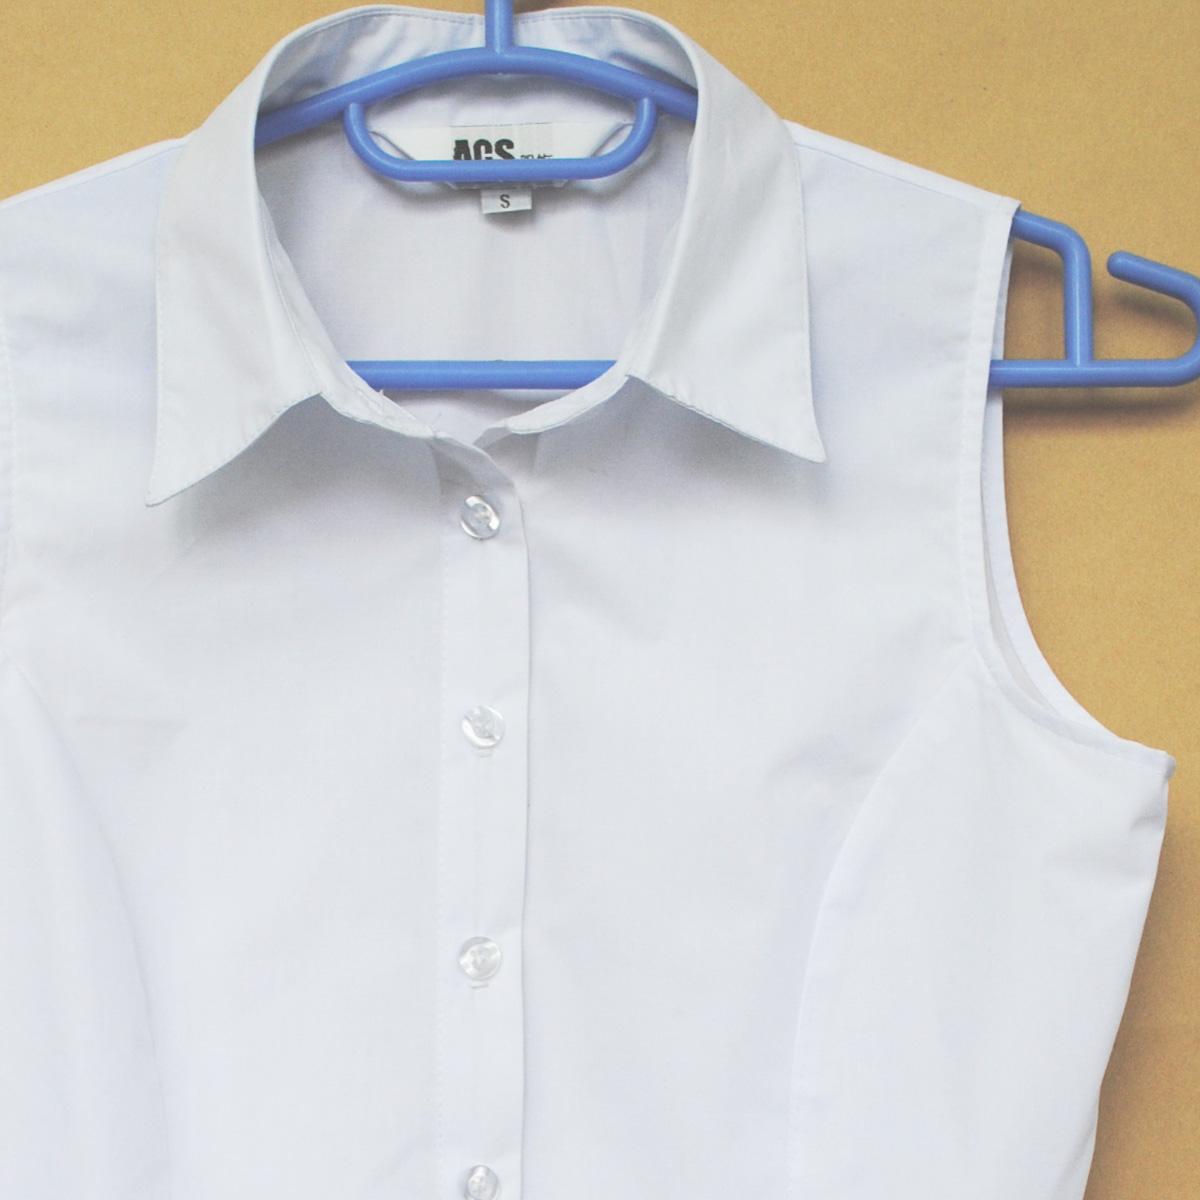 женская рубашка Acs CS205 2014 205